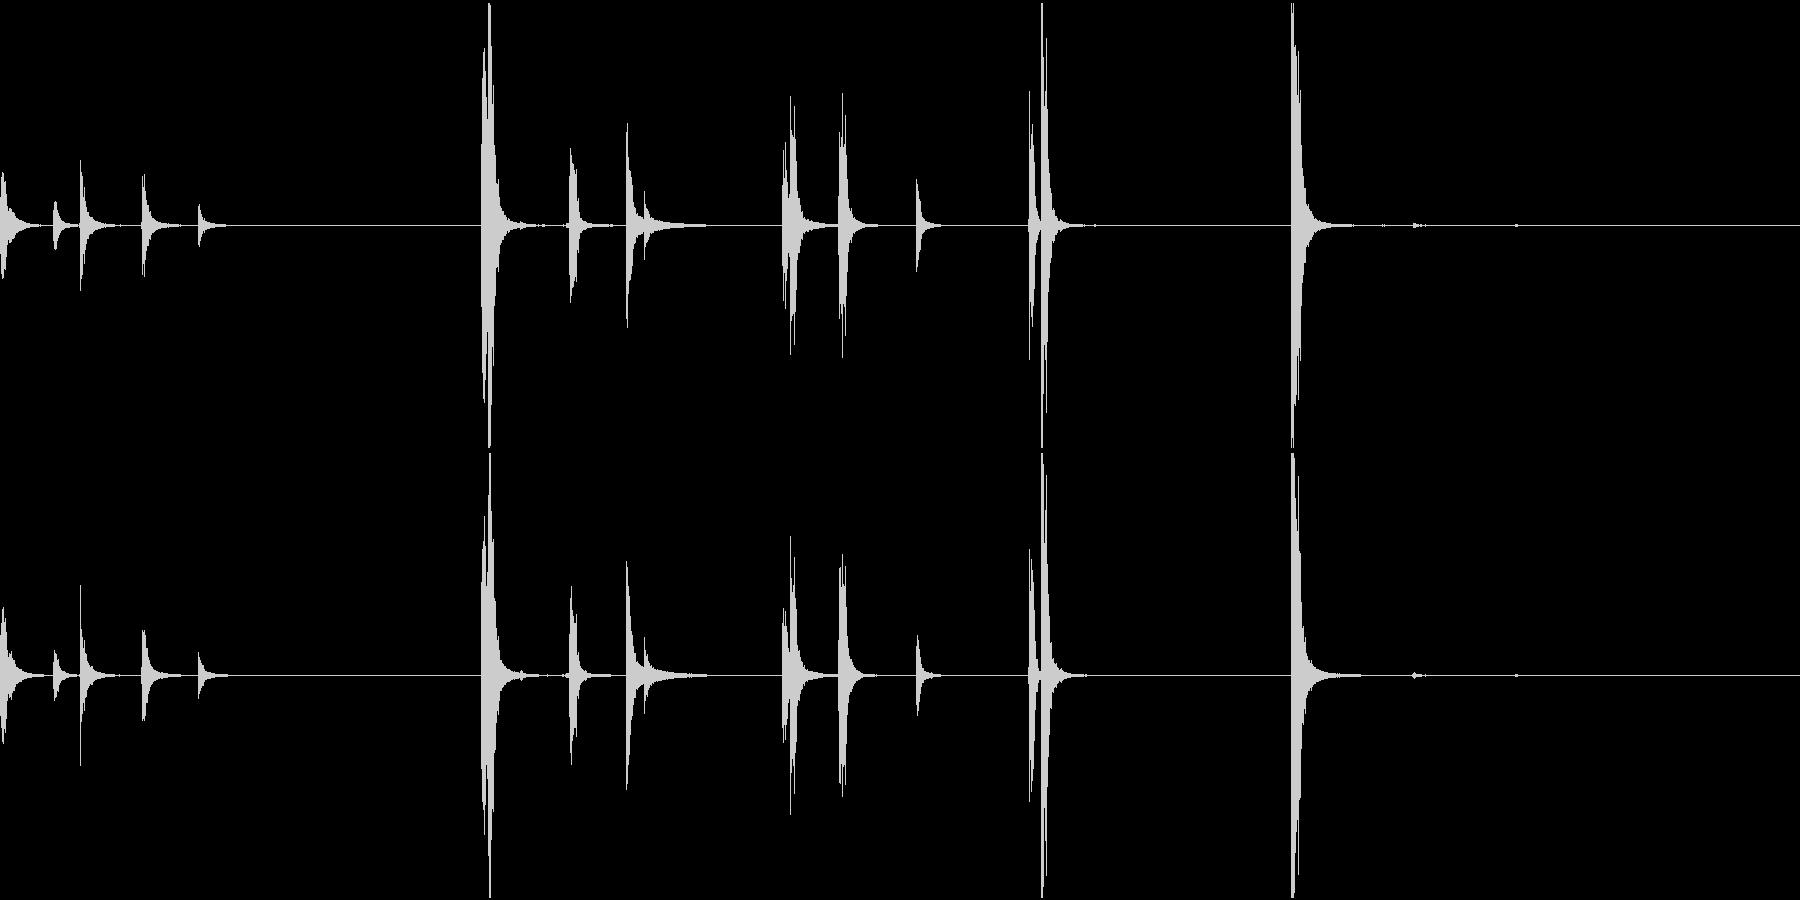 【生録音】手錠の音 1 外そうとするの未再生の波形